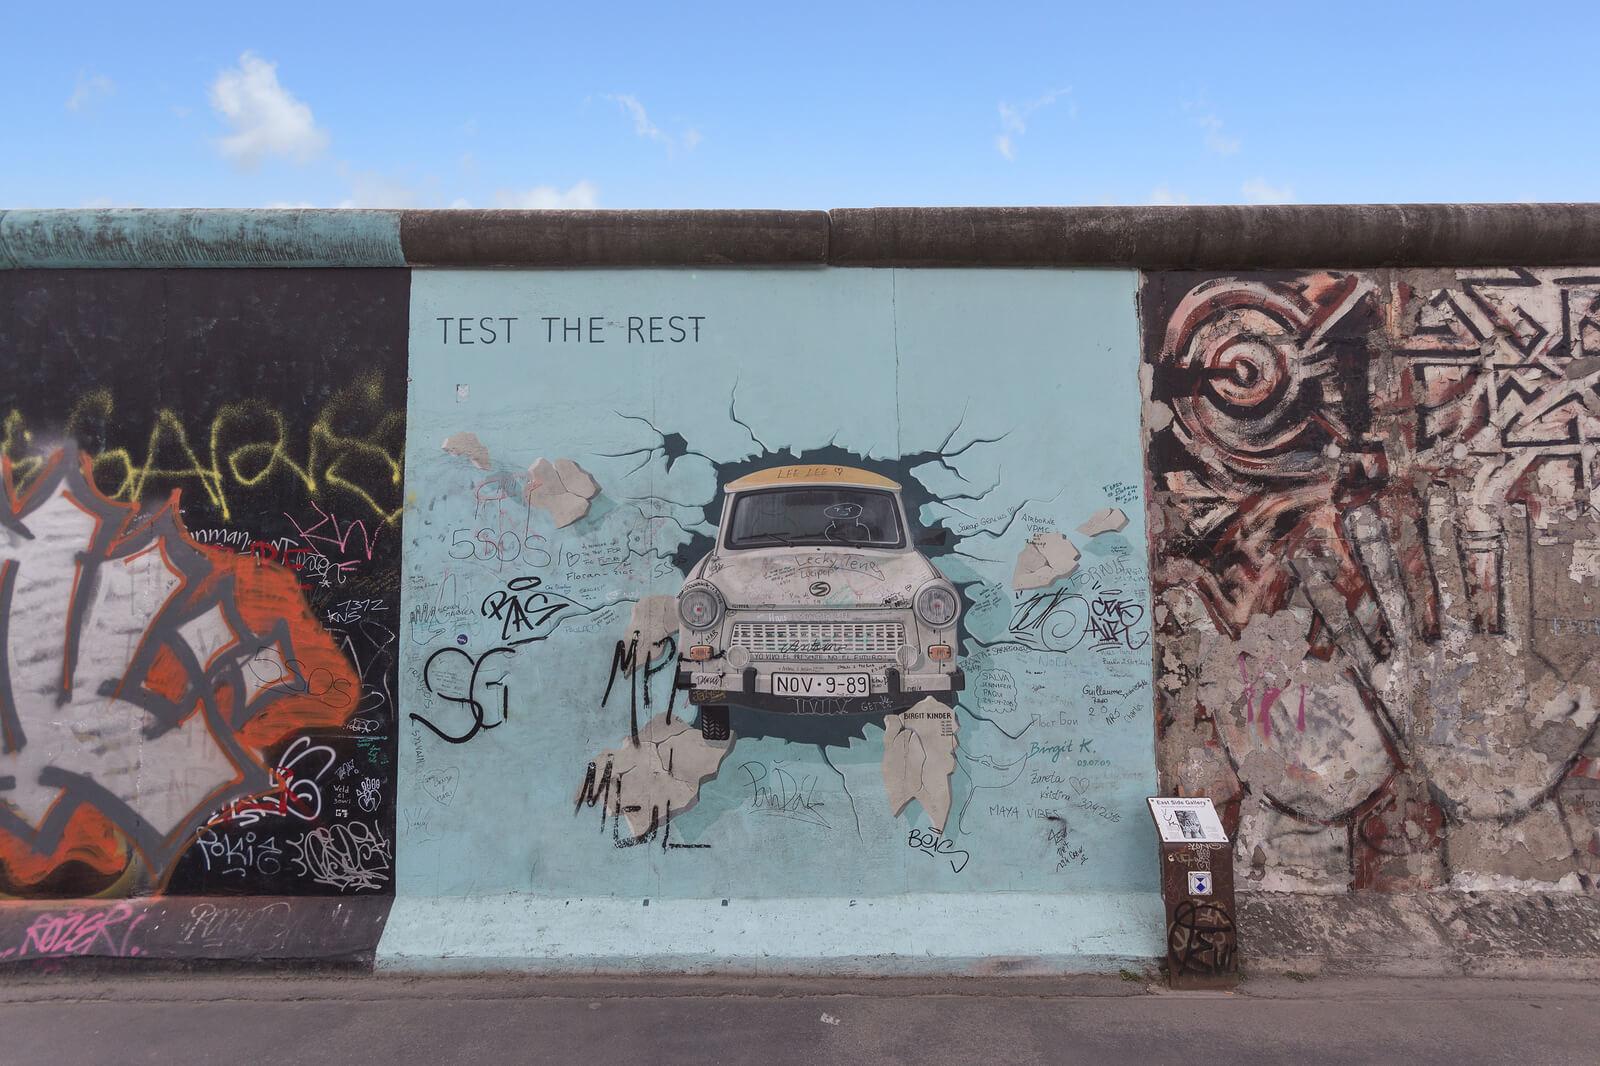 Graffiti On Berlin Wall, East Side Gallery